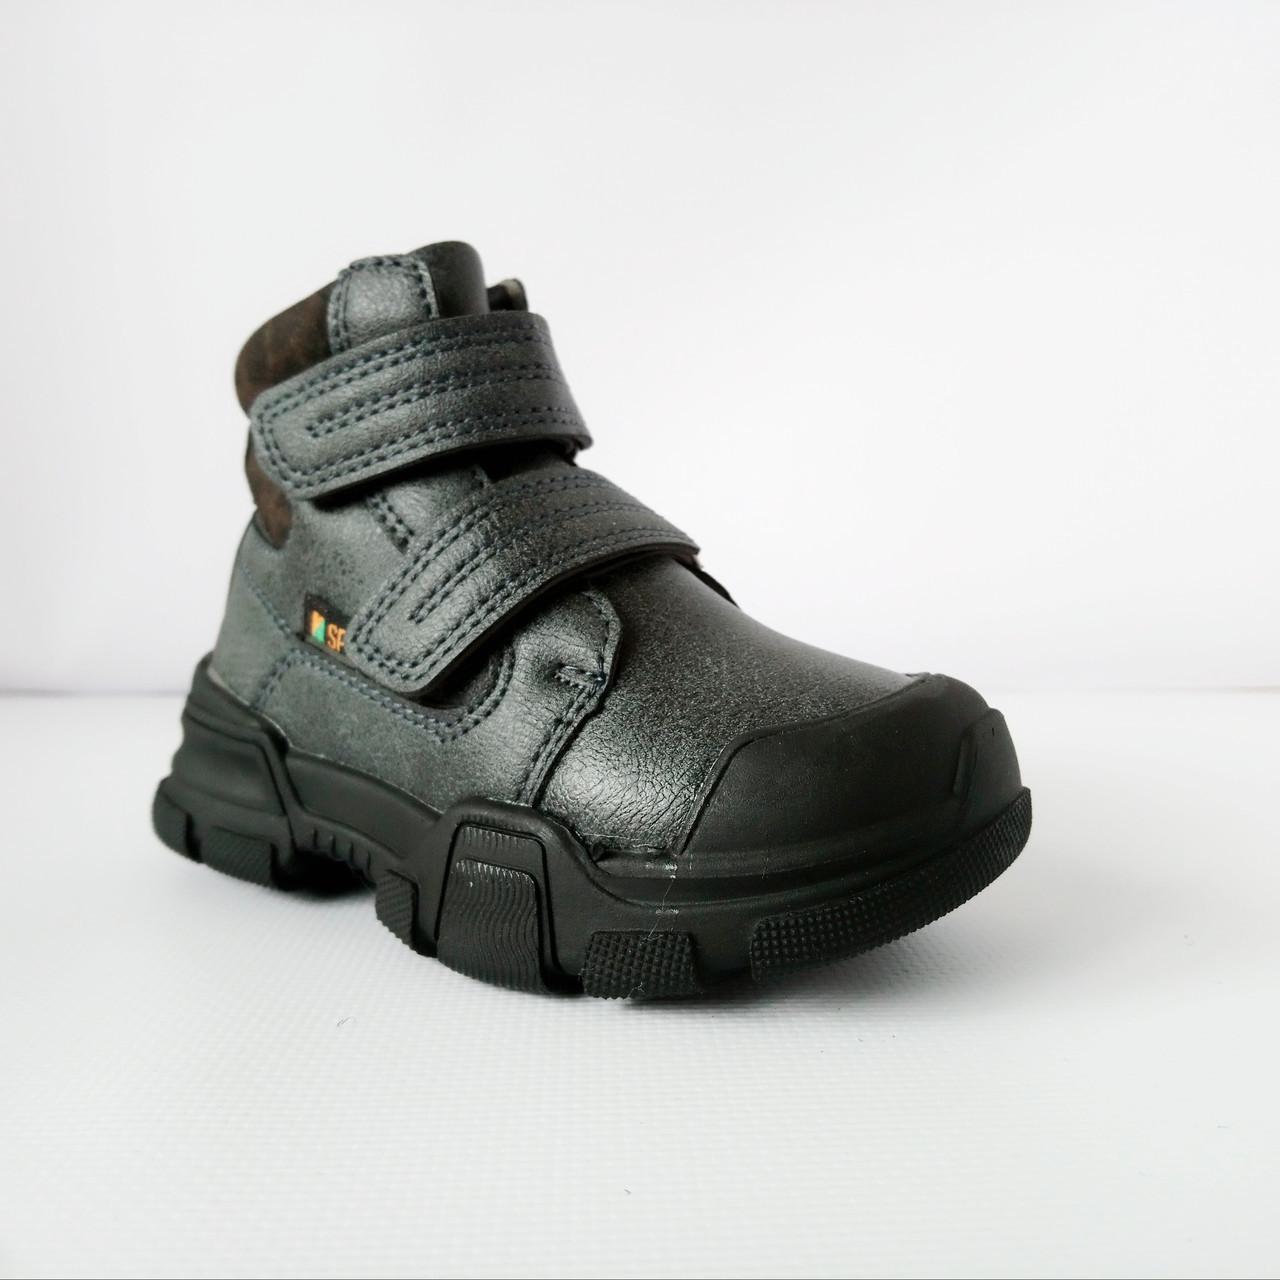 Демисезонные ботинки с защитой носка мальчикам, р. 27, 28, 29, 30,  32